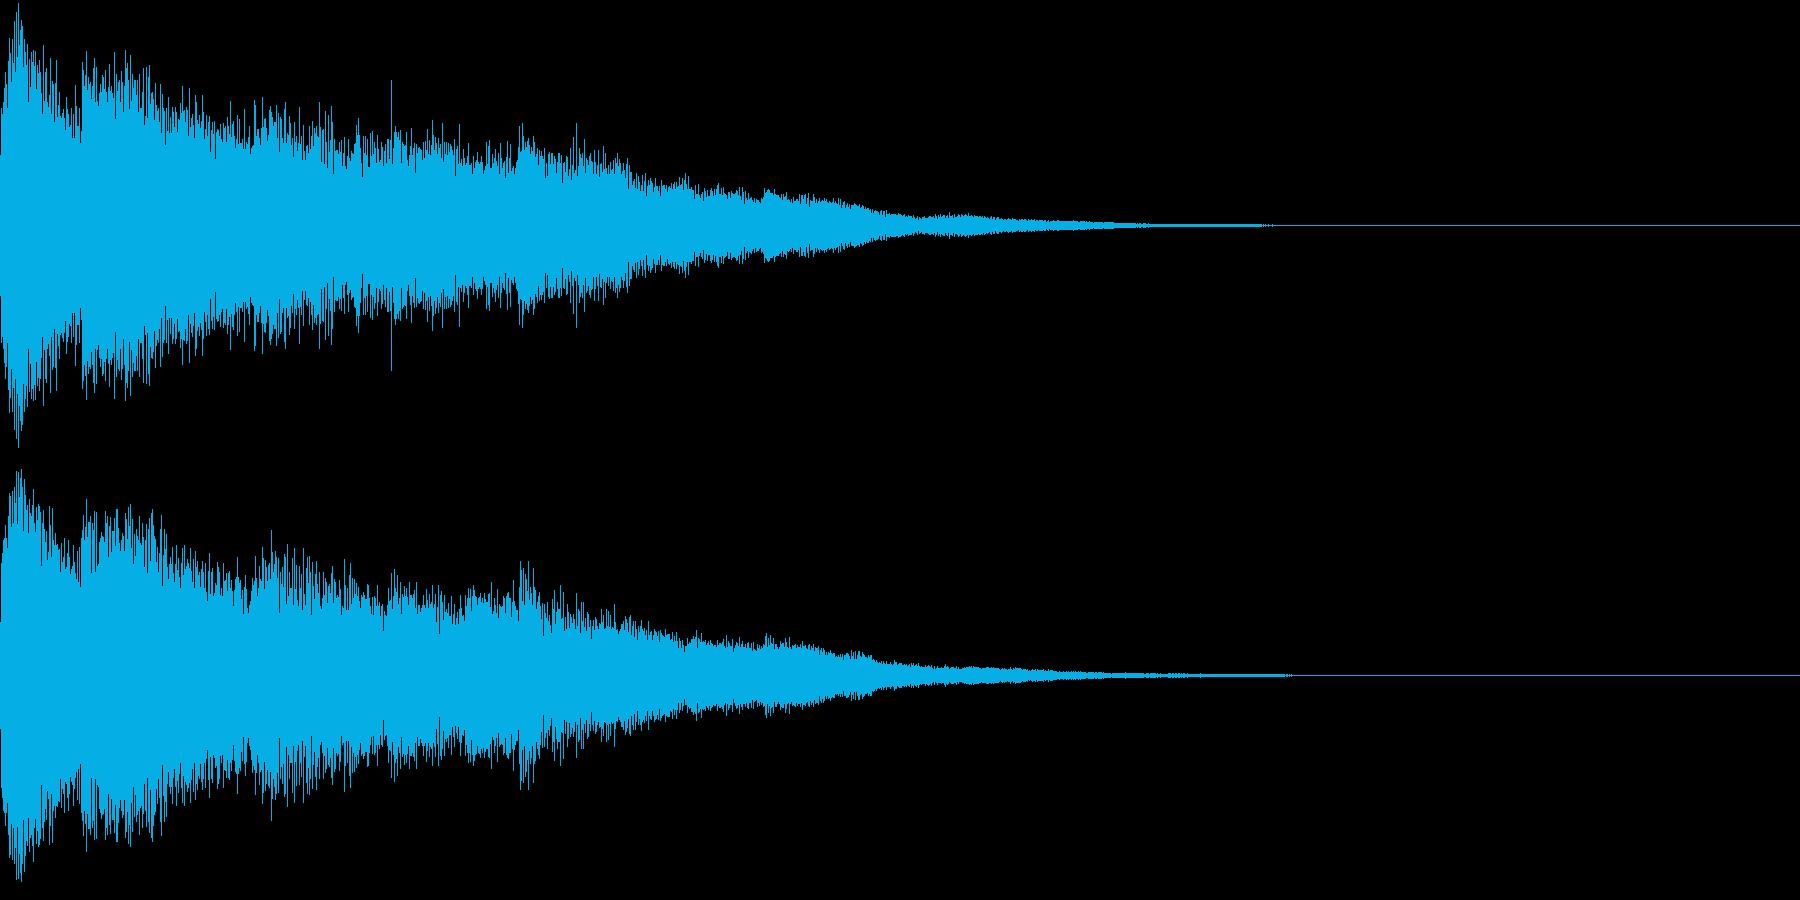 ピコン ピコ チャリン キラーンの再生済みの波形